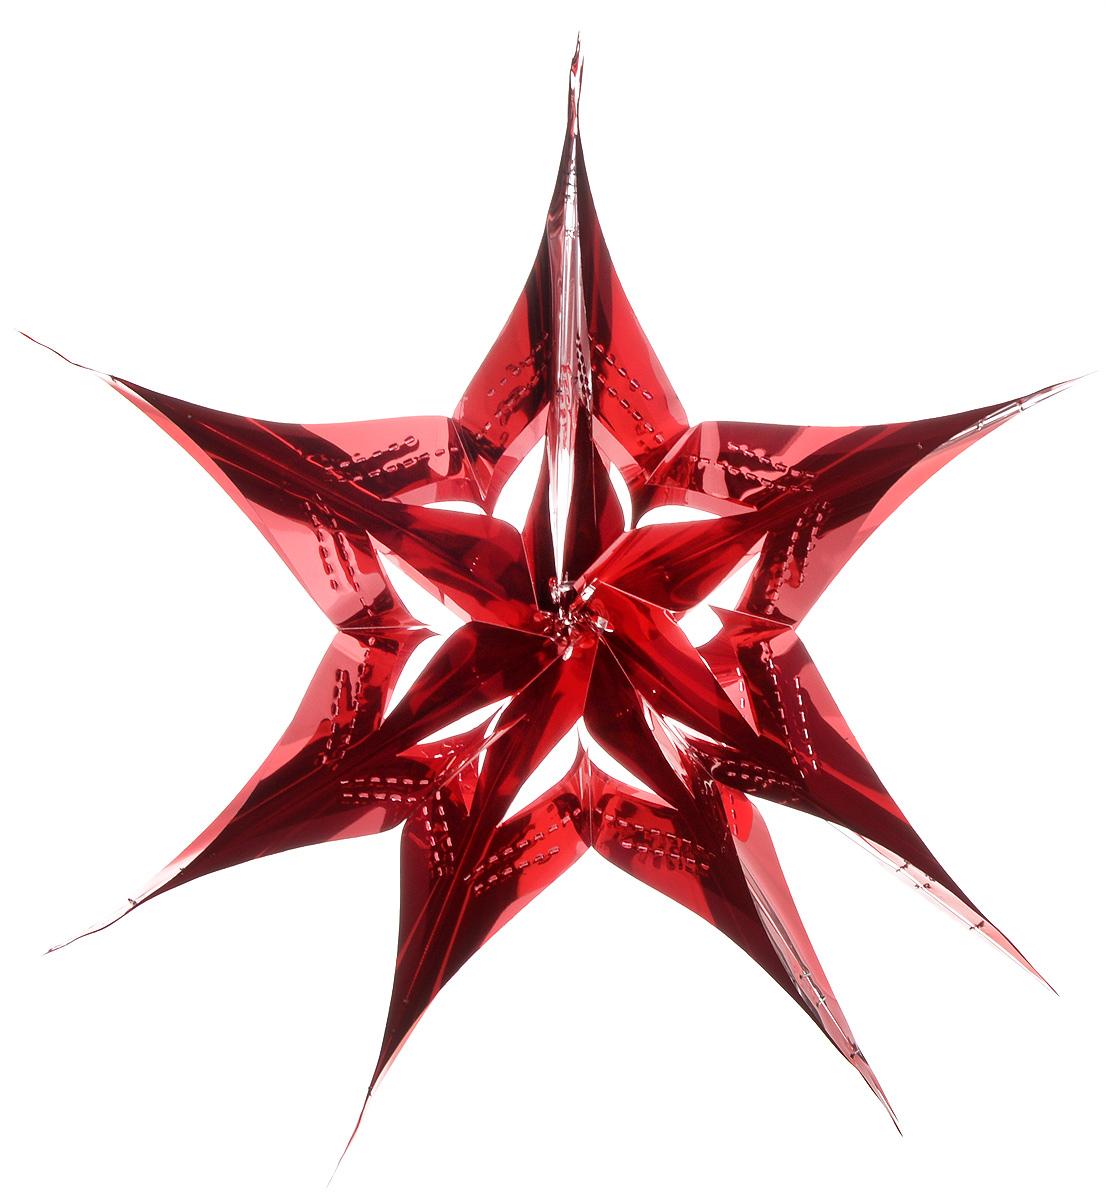 Украшение новогоднее подвесное Winter Wings Звезда, цвет: красный, диаметр 30 смN09174_красныйНовогоднее украшение Winter Wings Звезда прекрасно подойдет для декора дома и праздничной елки. Изделие выполнено из ПВХ. С помощью специальной петельки украшение можно повесить в любом понравившемся вам месте. Легко складывается и раскладывается. Новогодние украшения несут в себе волшебство и красоту праздника. Они помогут вам украсить дом к предстоящим праздникам и оживить интерьер по вашему вкусу. Создайте в доме атмосферу тепла, веселья и радости, украшая его всей семьей.